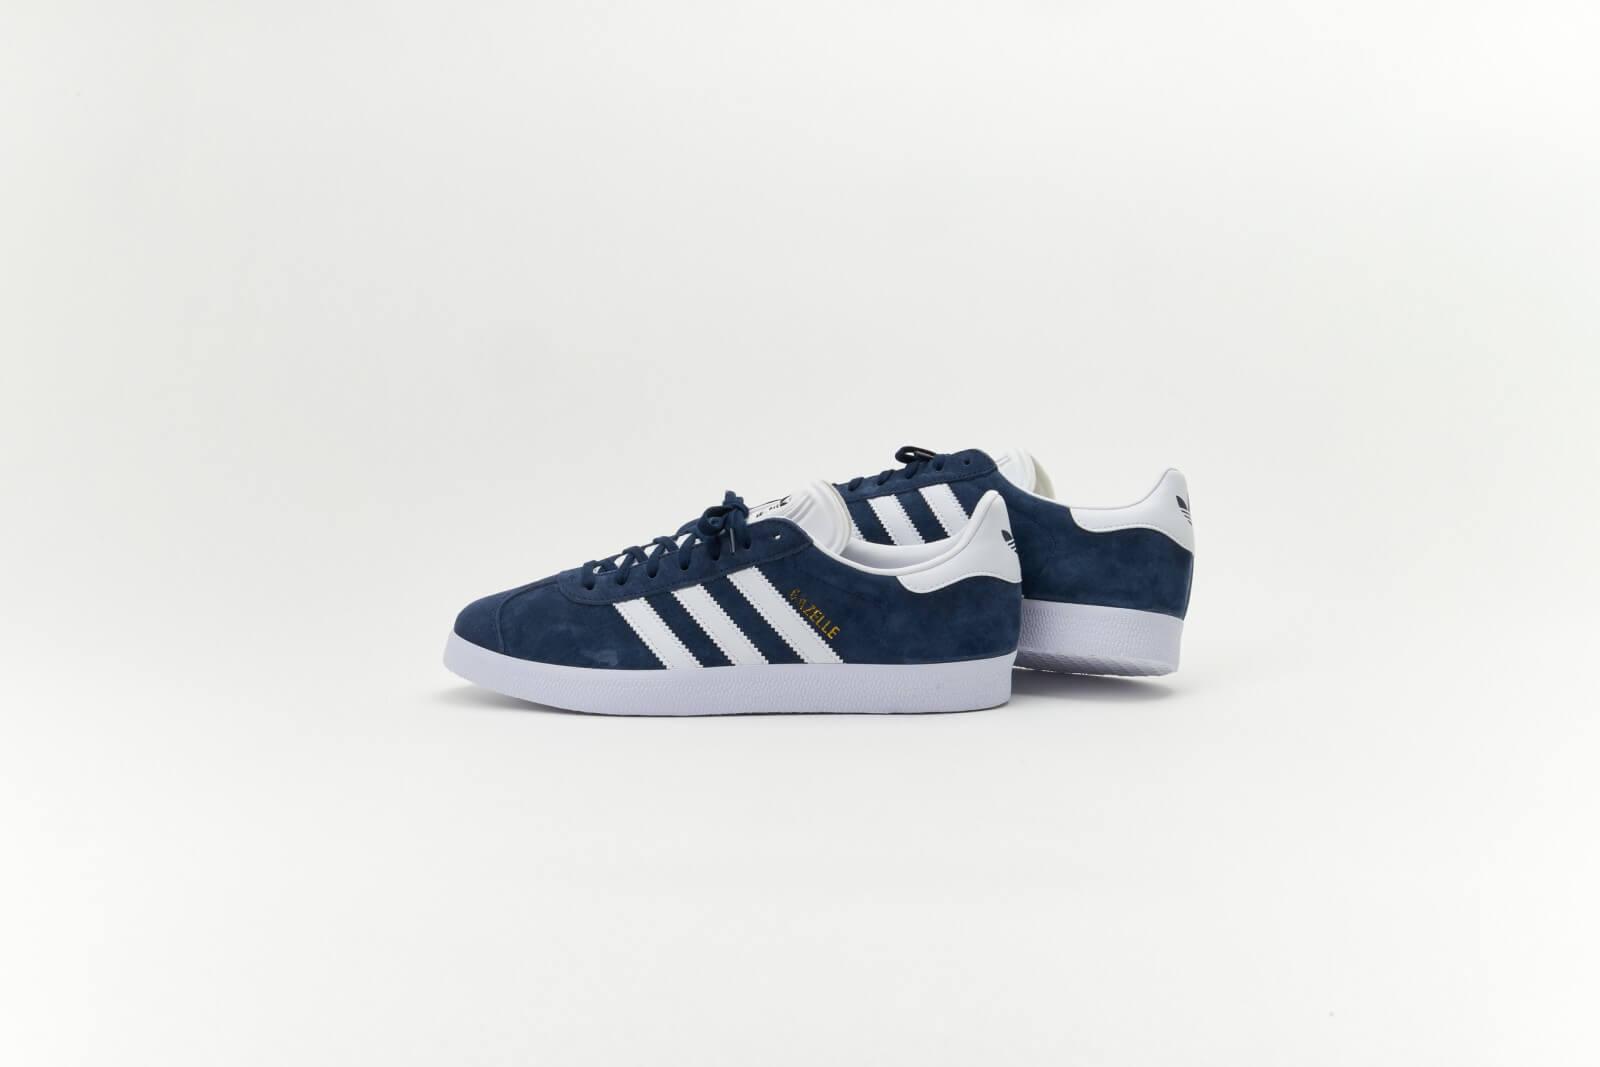 Adidas Gazelle Navy/White